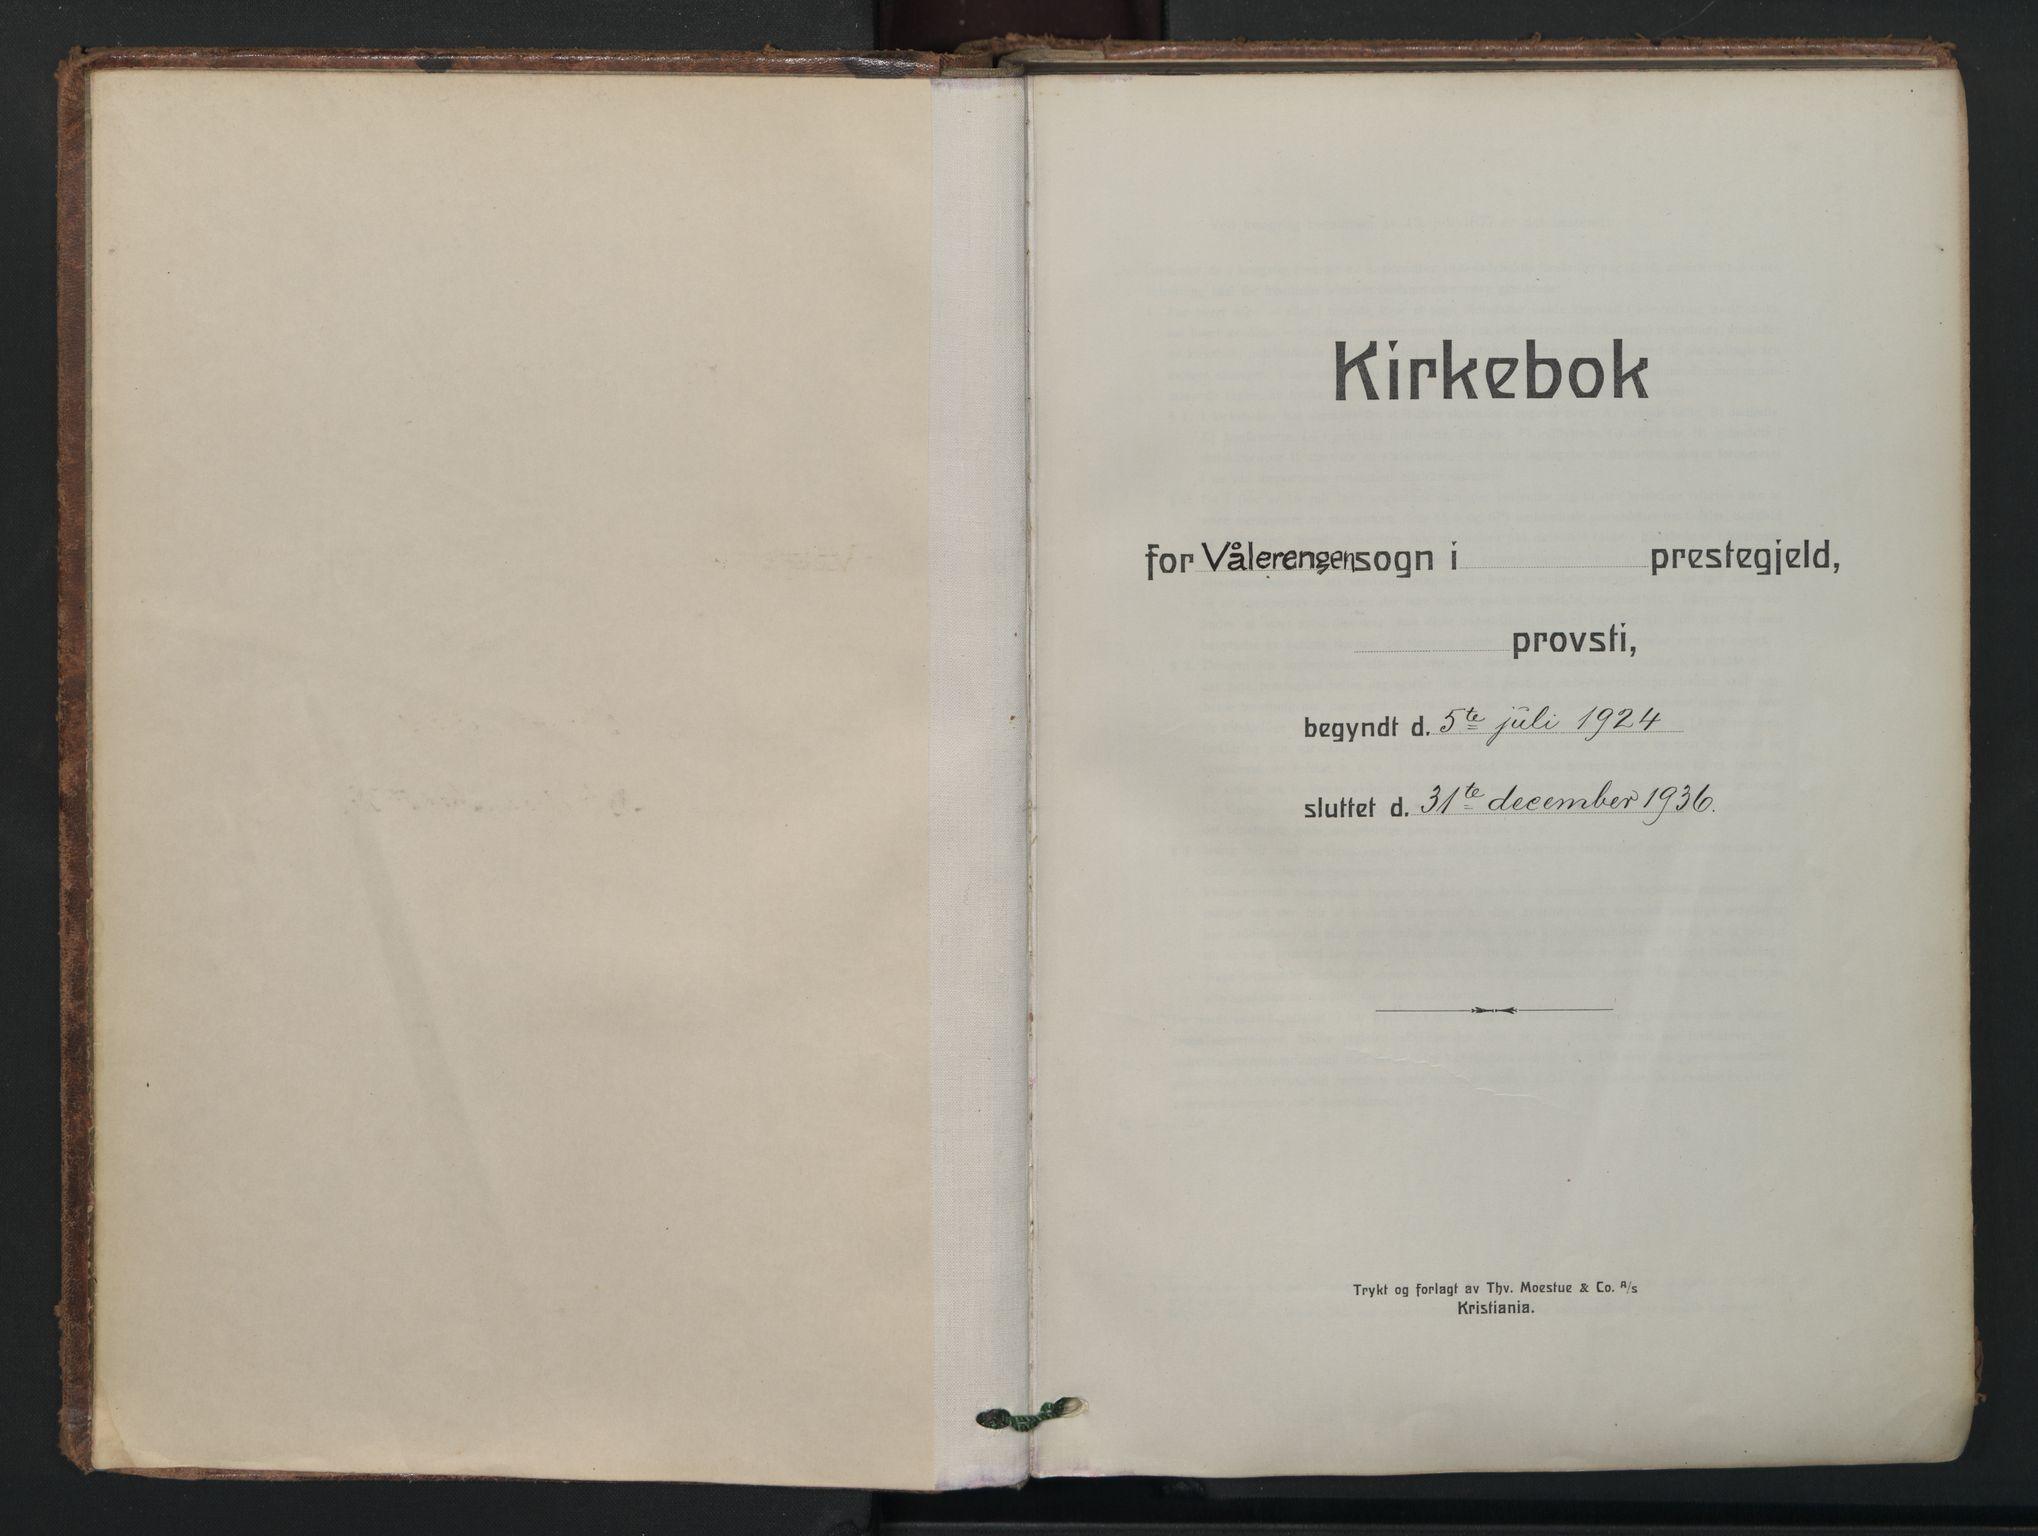 SAO, Vålerengen prestekontor Kirkebøker, F/Fa/L0005: Ministerialbok nr. 5, 1924-1936